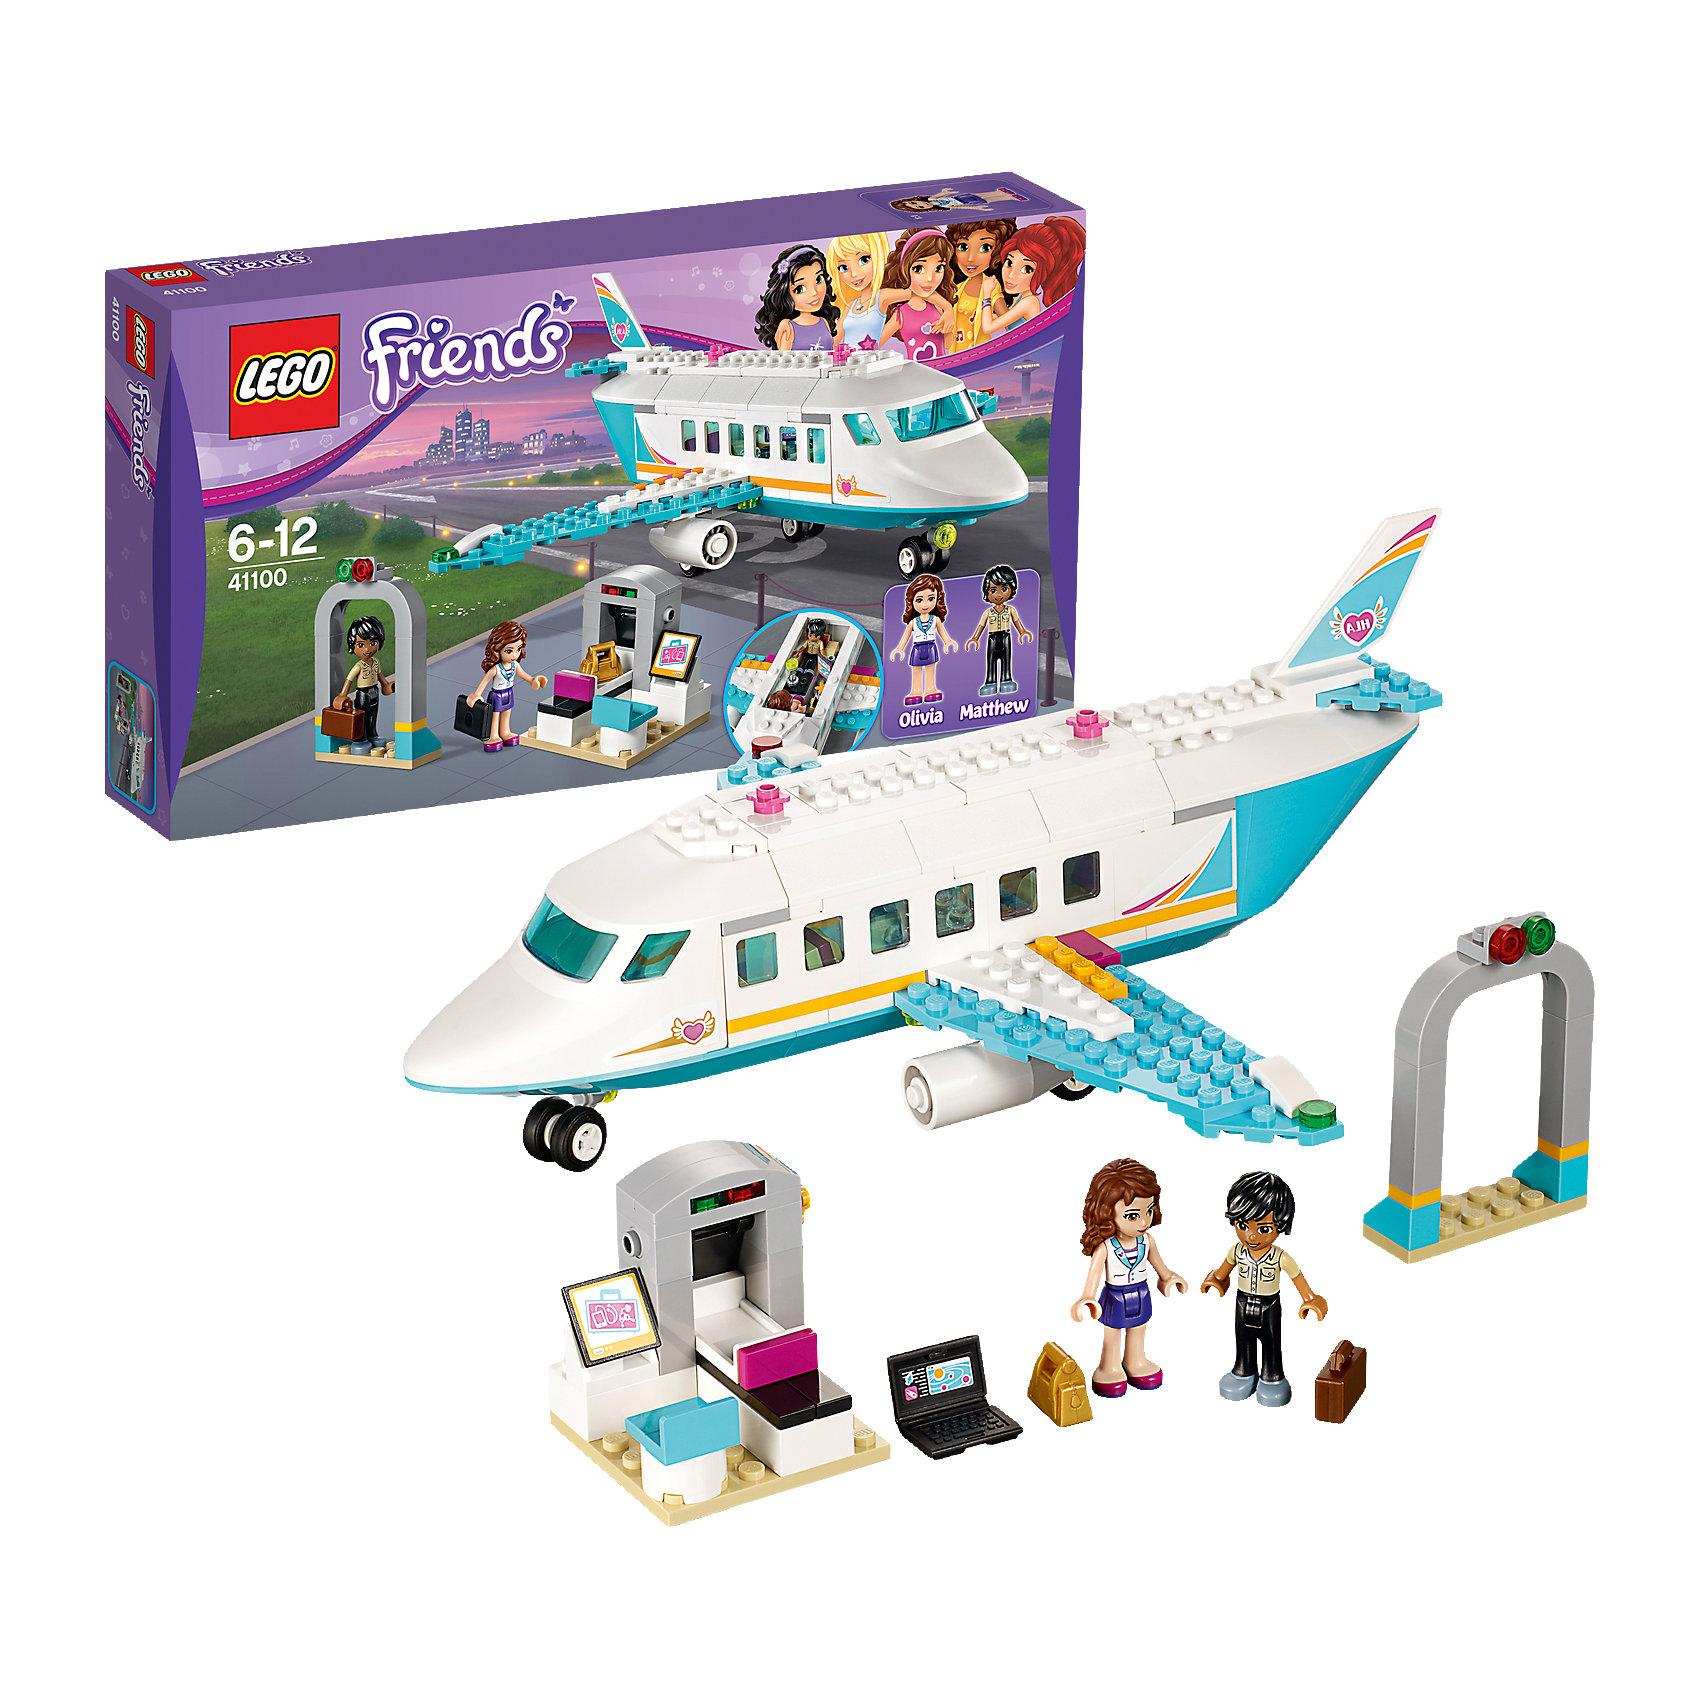 LEGO Friends 41100: Частный самолетКонструктор LEGO Friends (ЛЕГО Подружки) 41100: Частный самолет - невероятно интересный набор со множеством аксессуаров. Оливия и Мэтью отправляются в сказочное путешествие к солнцу и морю. Они полетят на прекрасном частном лайнере со всеми возможными удобствами. Но перед этим им будет необходимо пройти через рамку металлодетектора и погрузить багаж на ленту конвейера. Если все проверки на безопасность пройдены, можно садиться в самолет, где им сразу предложат прохладительные напитки и любимые фильмы. Для полного комфорта в полете можно посетить туалетную комнату. Создавая интересные ситуации, ребёнок в увлекательной игровой форме развивает фантазию, мелкую моторику и координацию движений. Девочка сможет придумать множество увлекательных сюжетов с деталями набора LEGO Friends (ЛЕГО Подружки) 41100: Частный самолет. Подключайте фантазию и Вам никогда не будет скучно в компании LEGO (ЛЕГО)!<br><br>Серия конструкторов LEGO Friends (ЛЕГО Подружки) - увлекательные игровые наборы для девочек, их отличают яркие розовые детали, изысканный дизайн и множество игровых сюжетов, любимых девочками, такие как магазин, кафе, кондитерская, кукольные домики и многие другие.<br><br>Дополнительная информация:<br><br>- Игра с конструктором  LEGO (ЛЕГО) развивает мелкую моторику ребенка, фантазию и воображение, учит его усидчивости и внимательности;<br>- В комплекте: 2 минифигурки (Оливия и Мэтью),  множество тематических аксессуаров, детали набора; <br>- Количество деталей: 230 шт;<br>- Отлично подойдет для сюжетно-ролевых игр;<br>- Серия: LEGO Friends (ЛЕГО Подружки);<br>- Материал: высококачественный пластик;<br>- Размер упаковки: 35 х 19 х 6 см.<br><br>Конструктор LEGO Friends (ЛЕГО Подружки) 41100: Частный самолет можно купить в нашем интернет-магазине.<br><br>Ширина мм: 355<br>Глубина мм: 190<br>Высота мм: 62<br>Вес г: 431<br>Возраст от месяцев: 72<br>Возраст до месяцев: 144<br>Пол: Женский<br>Возраст: Детский<br>SKU: 4047367